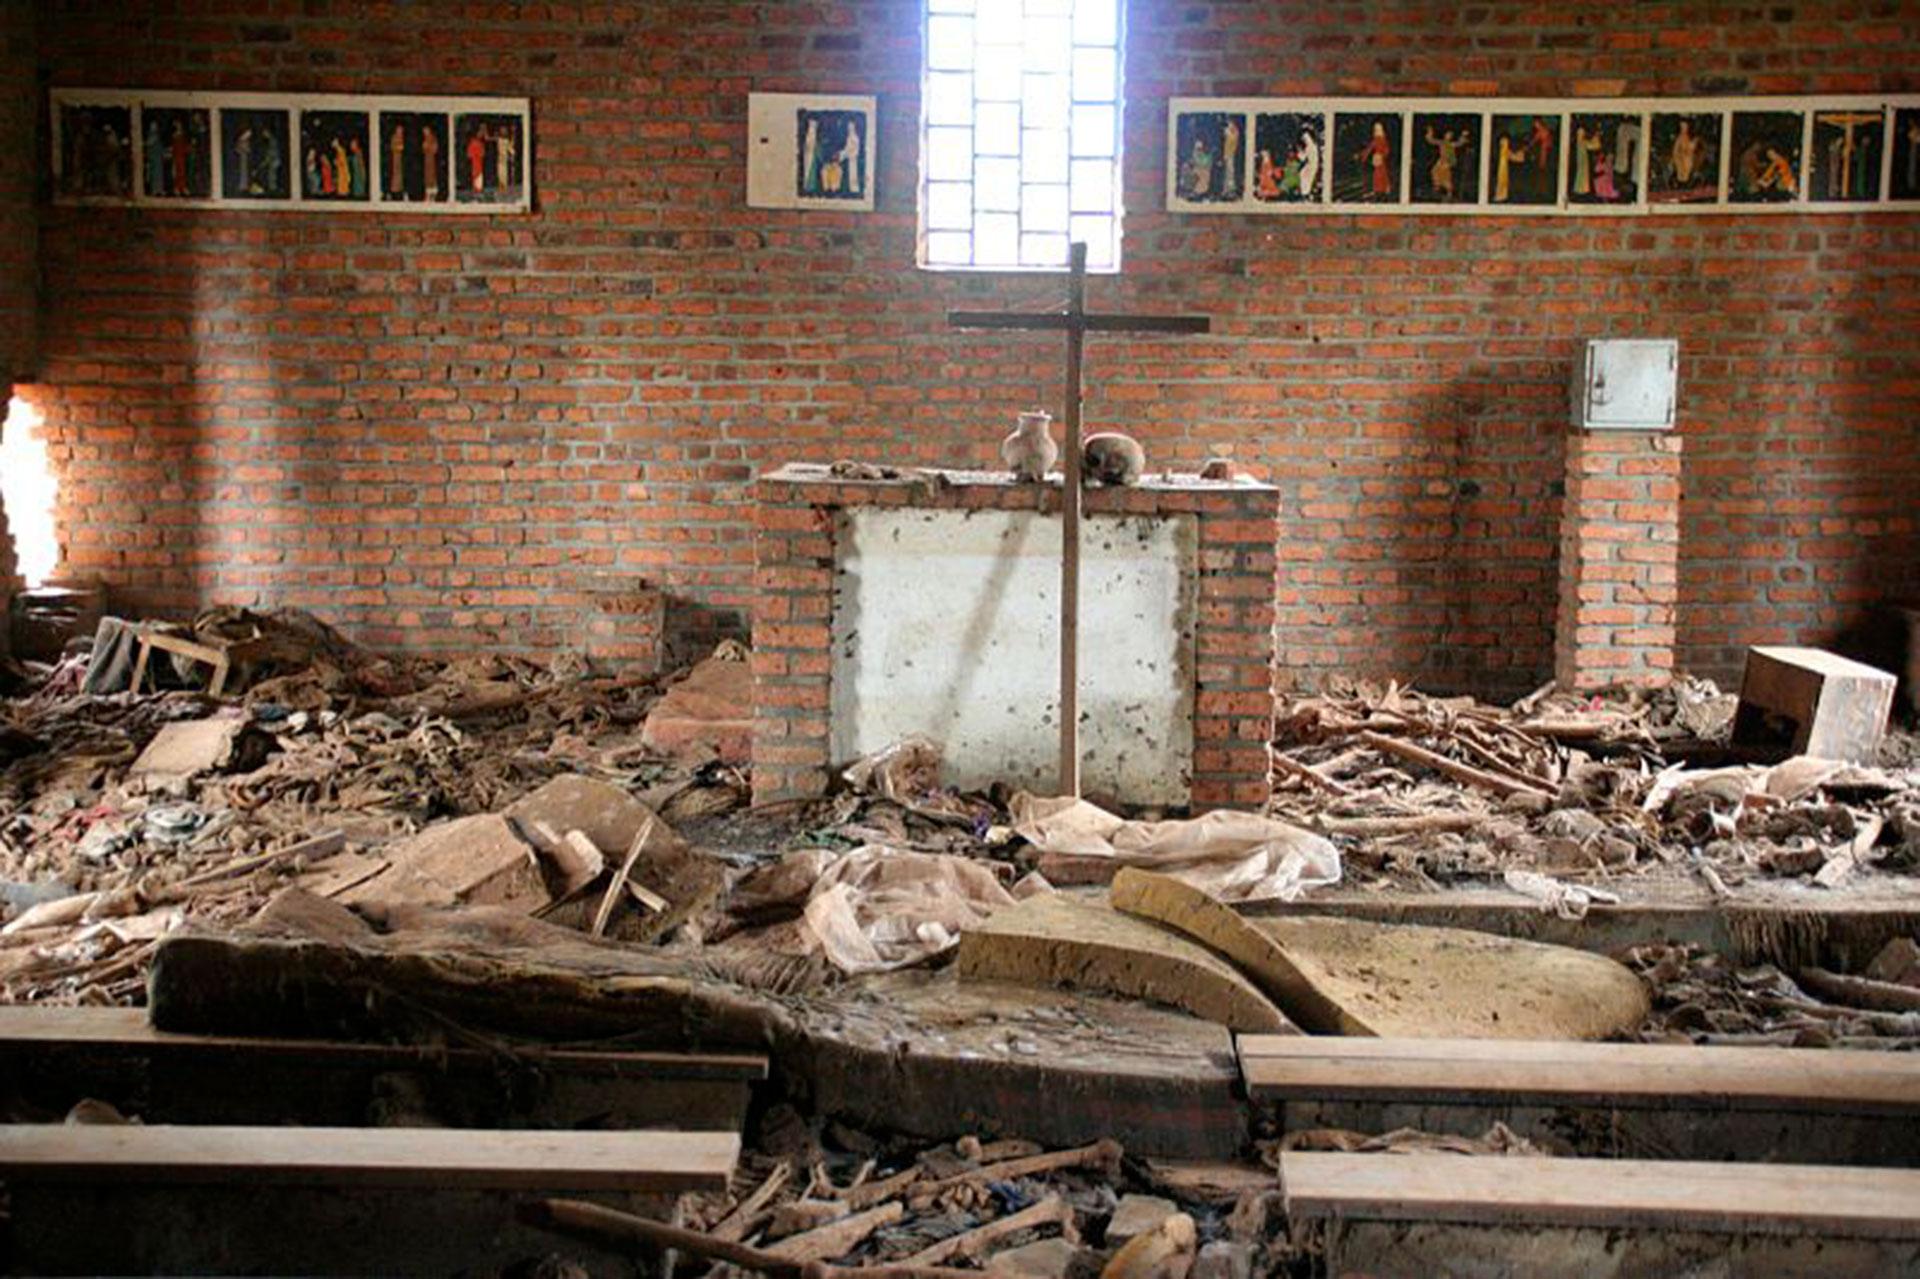 Miles de personas que trataron de refugiarse en esta iglesia ubicada en el interior profundo de Ruanda terminaron siendo masacradas. Sus restos quedaron esparcidos por todo el lugar (Scott Chacon)